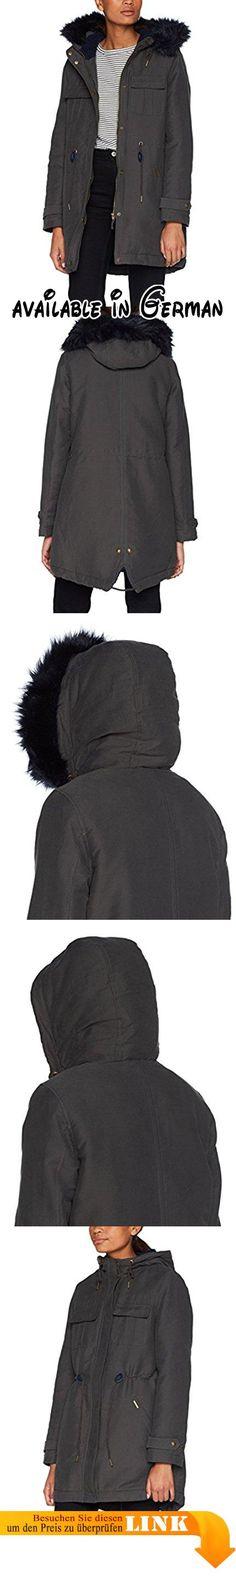 LTB Jeans Damen Jeansjacke Destin, Grau (Silvermoon Undamaged Wash 50365),  36 (Herstellergröße: S). Trendige Jeansjacke